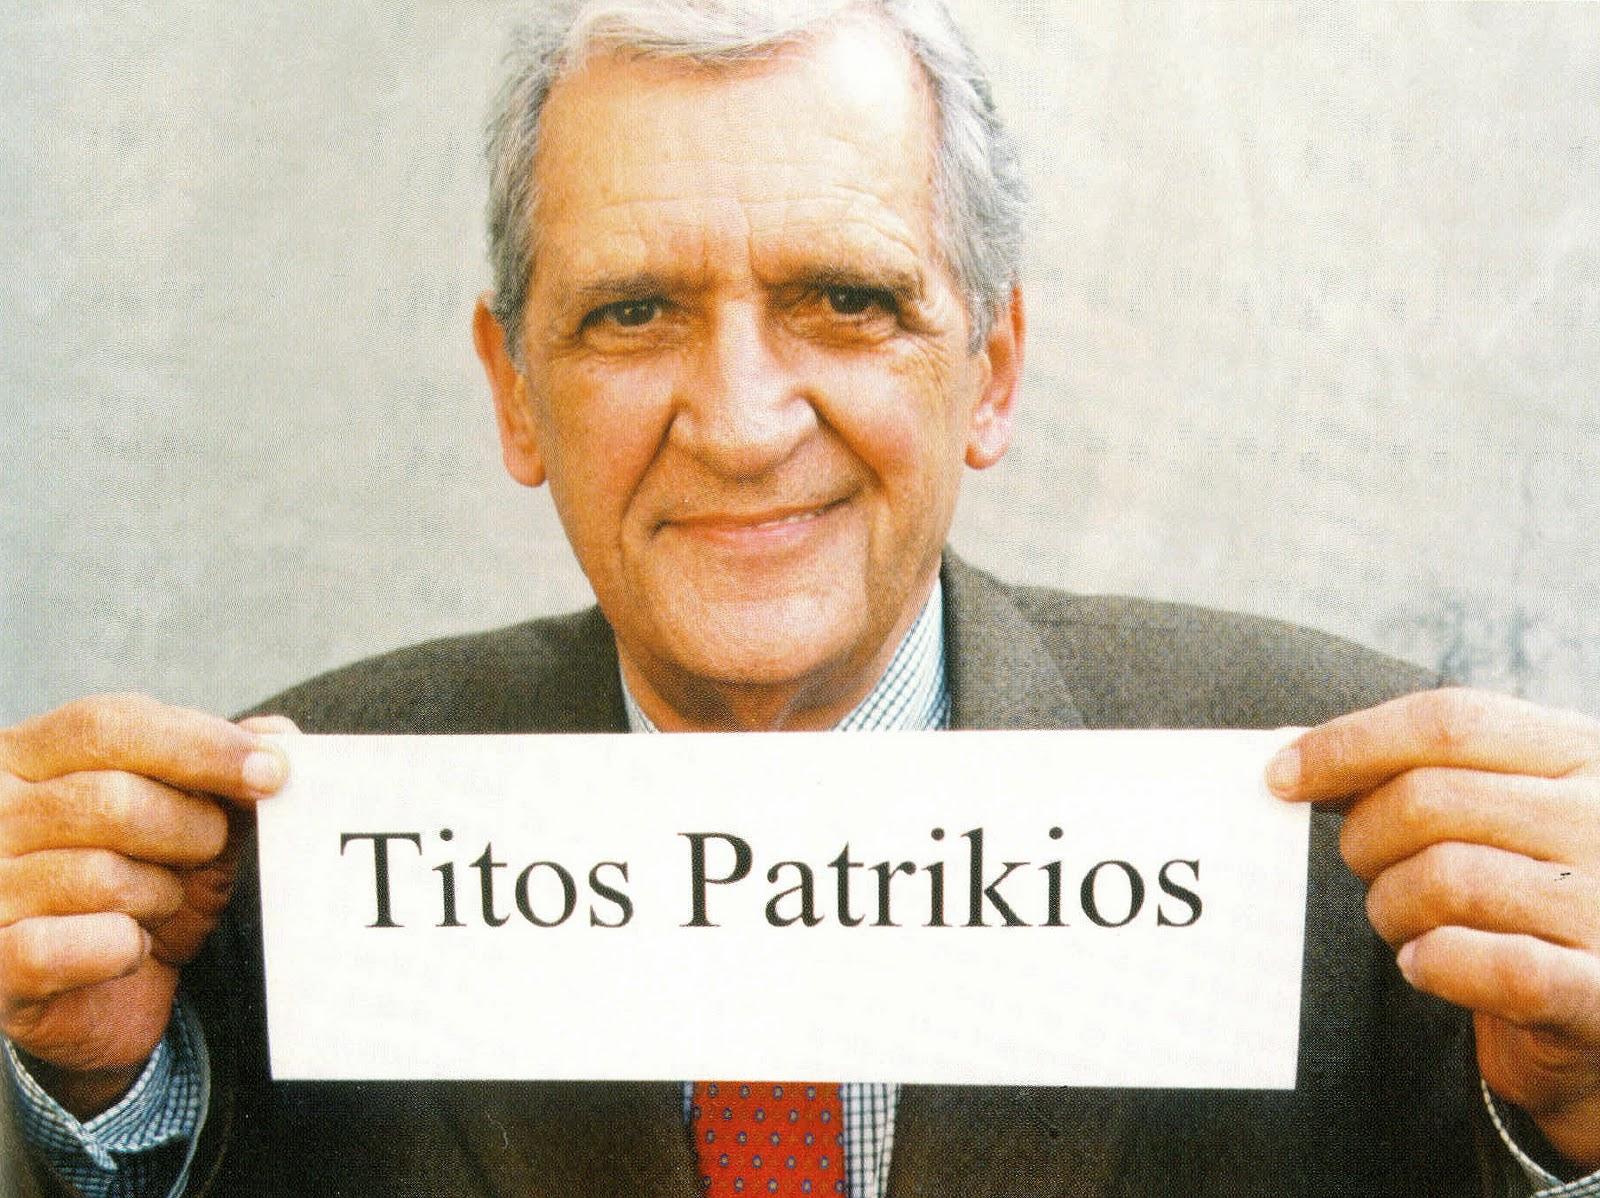 Titos_Patrikios